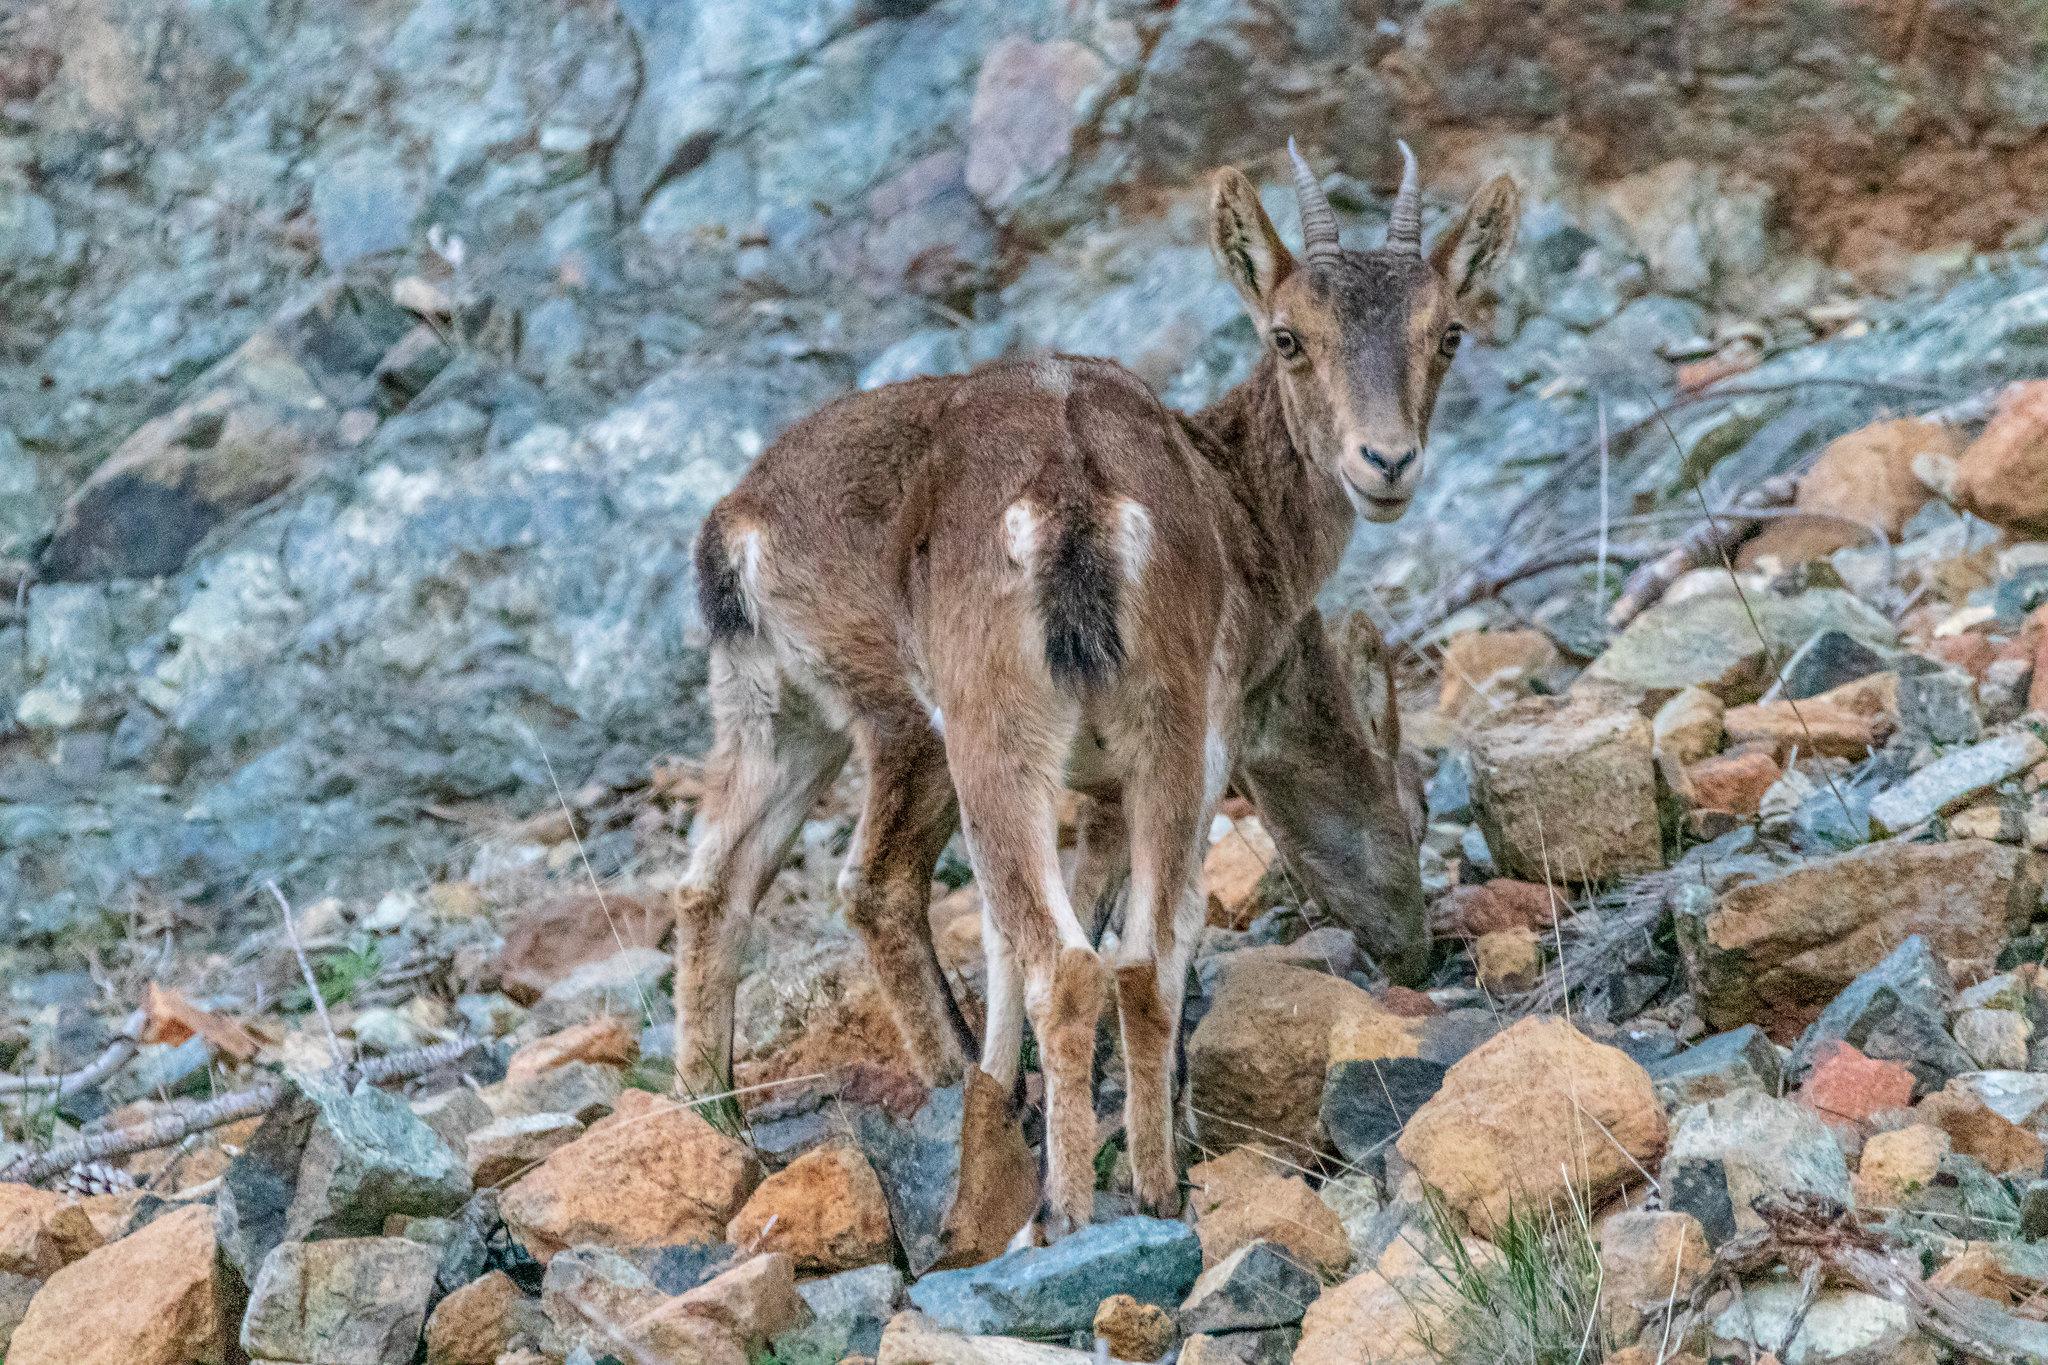 Fotos de animales de todo tipo incluyendo mascotas que más te gustan - Página 12 45010354304_2bbba16063_k